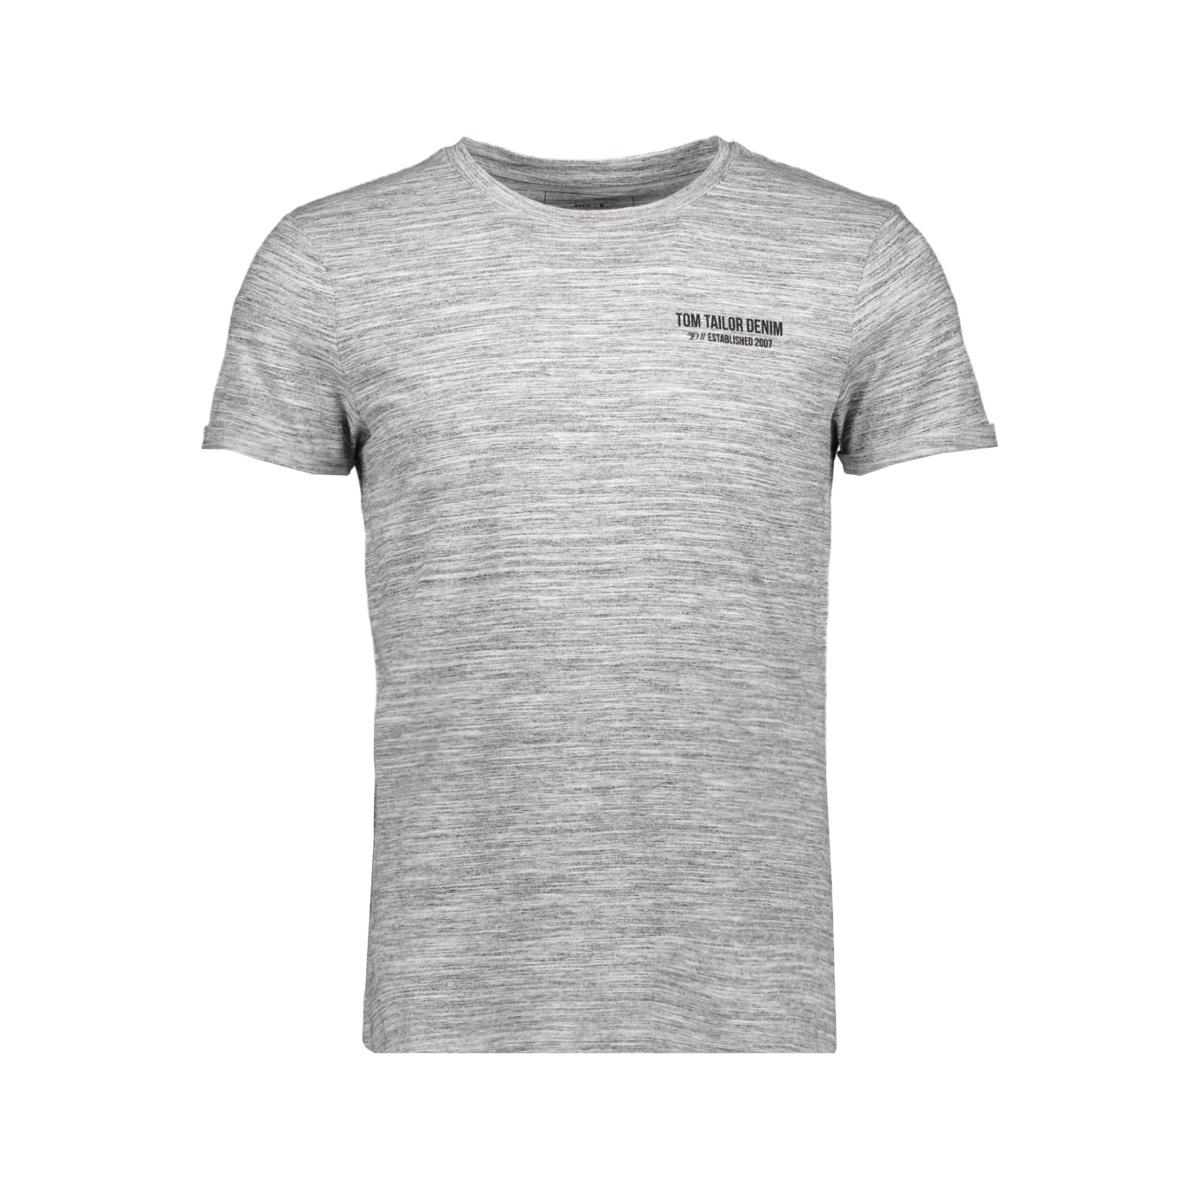 t shirt met een simpele print 1016307xx12 tom tailor t-shirt 20077